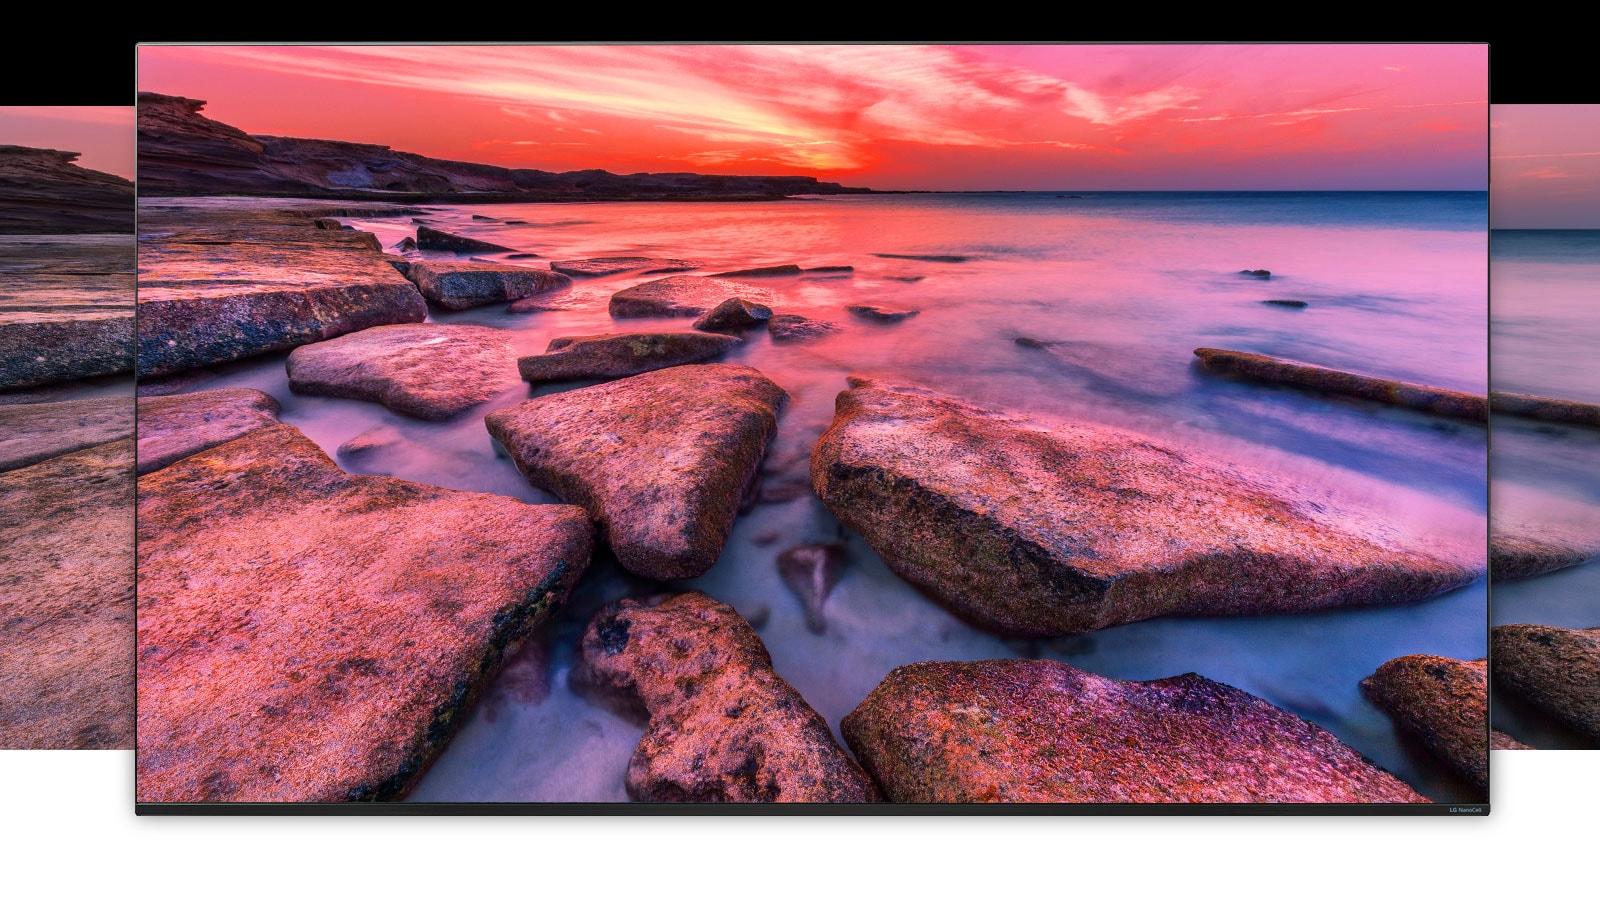 TV obrazovka se širokoúhlým záběrem na přírodu